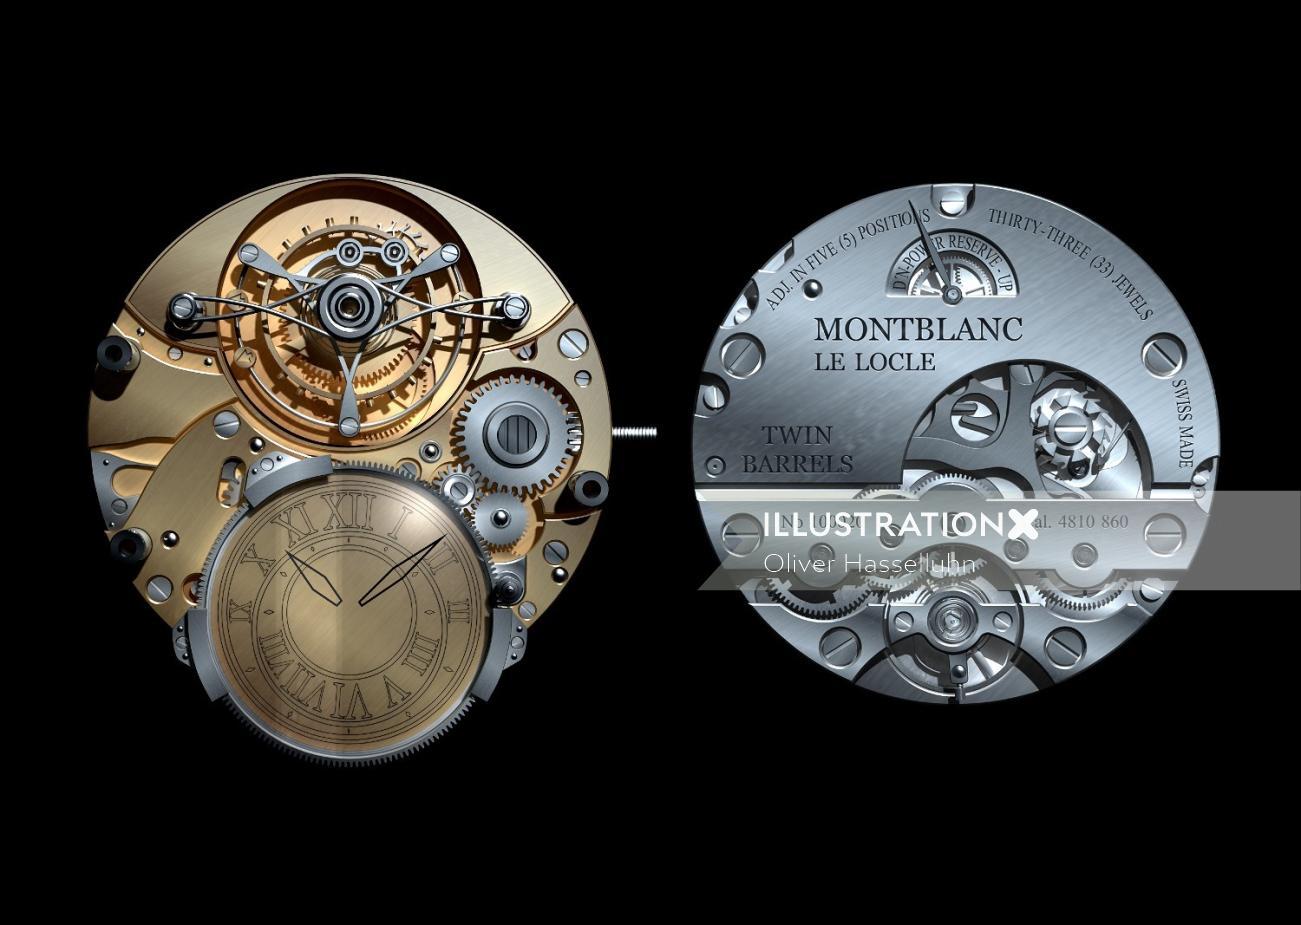 Architecture illustration of Uhrwerke